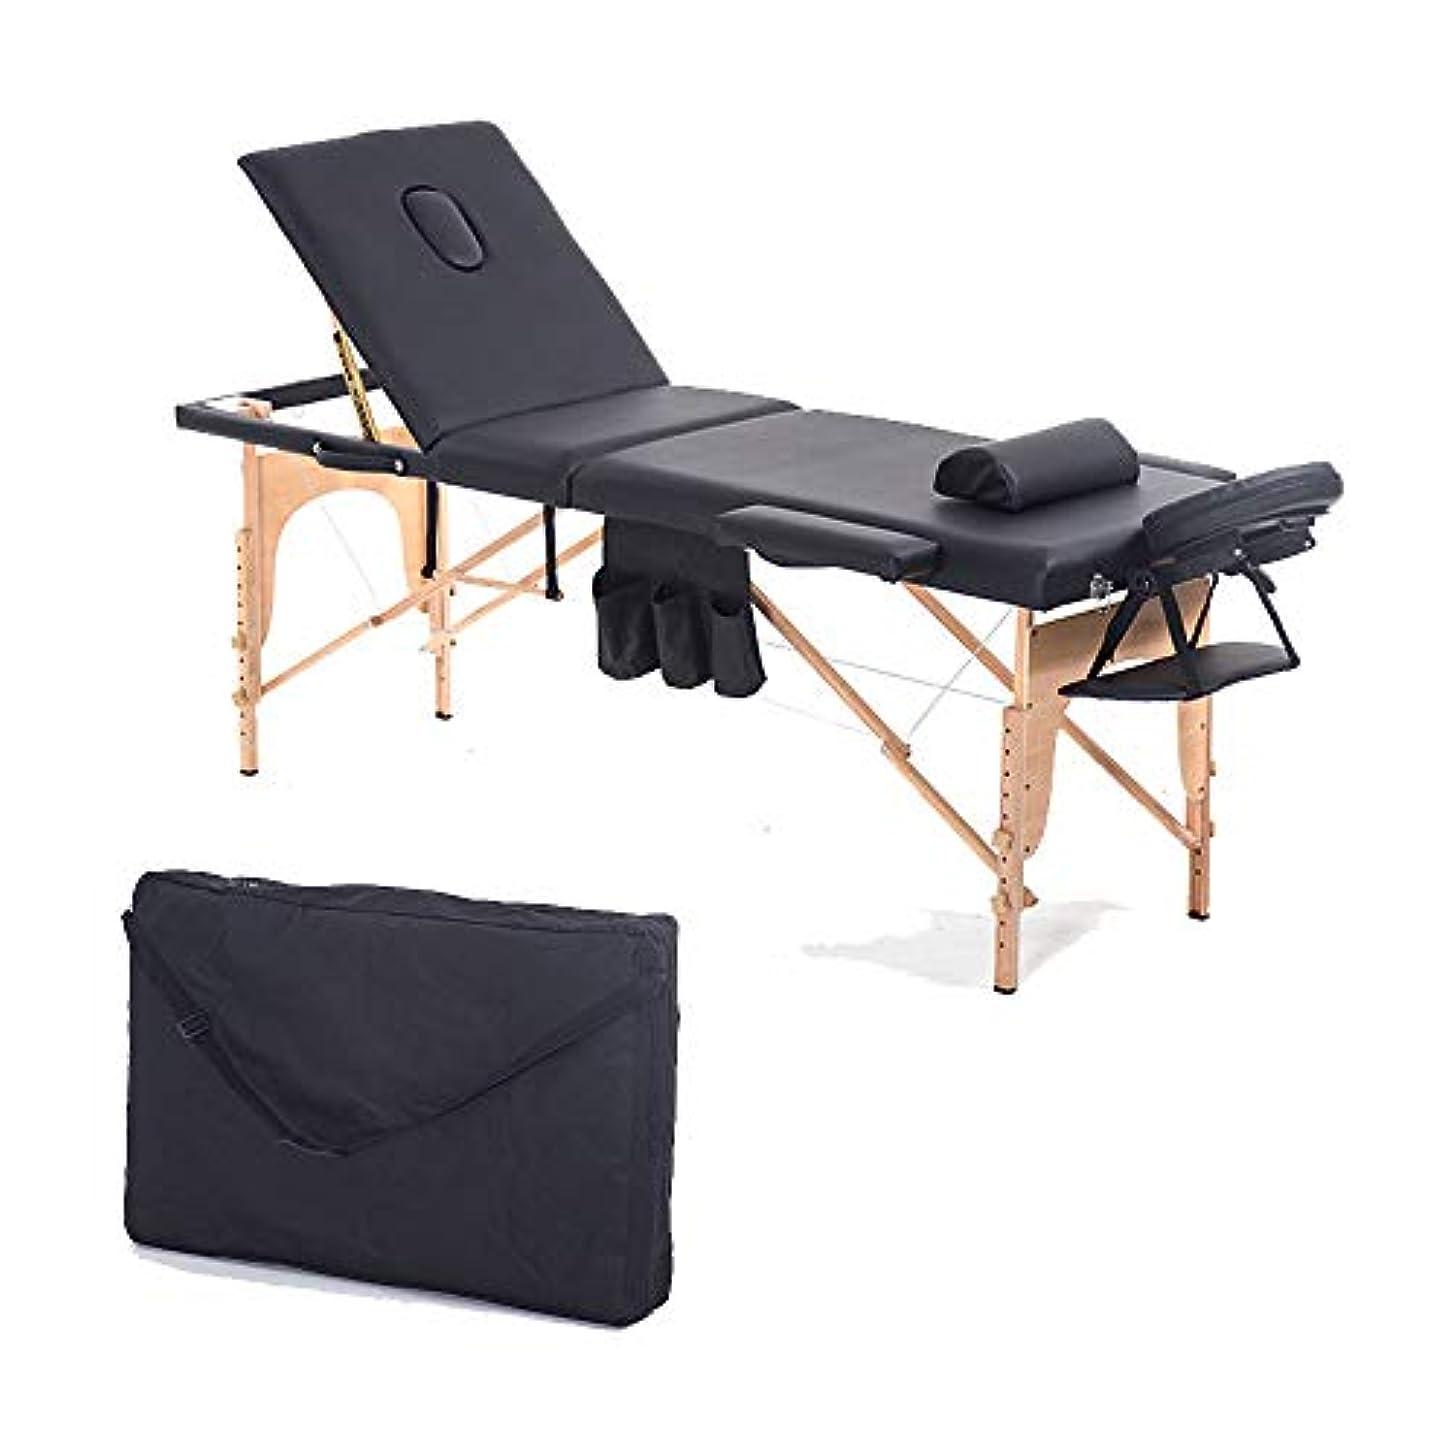 電極生き残ります命令的3節マッサージベッドポータブルサロン家具木製ベッド折り畳み式のビューティーボディ?フェイシャル?スパタトゥータイマッサージベッド